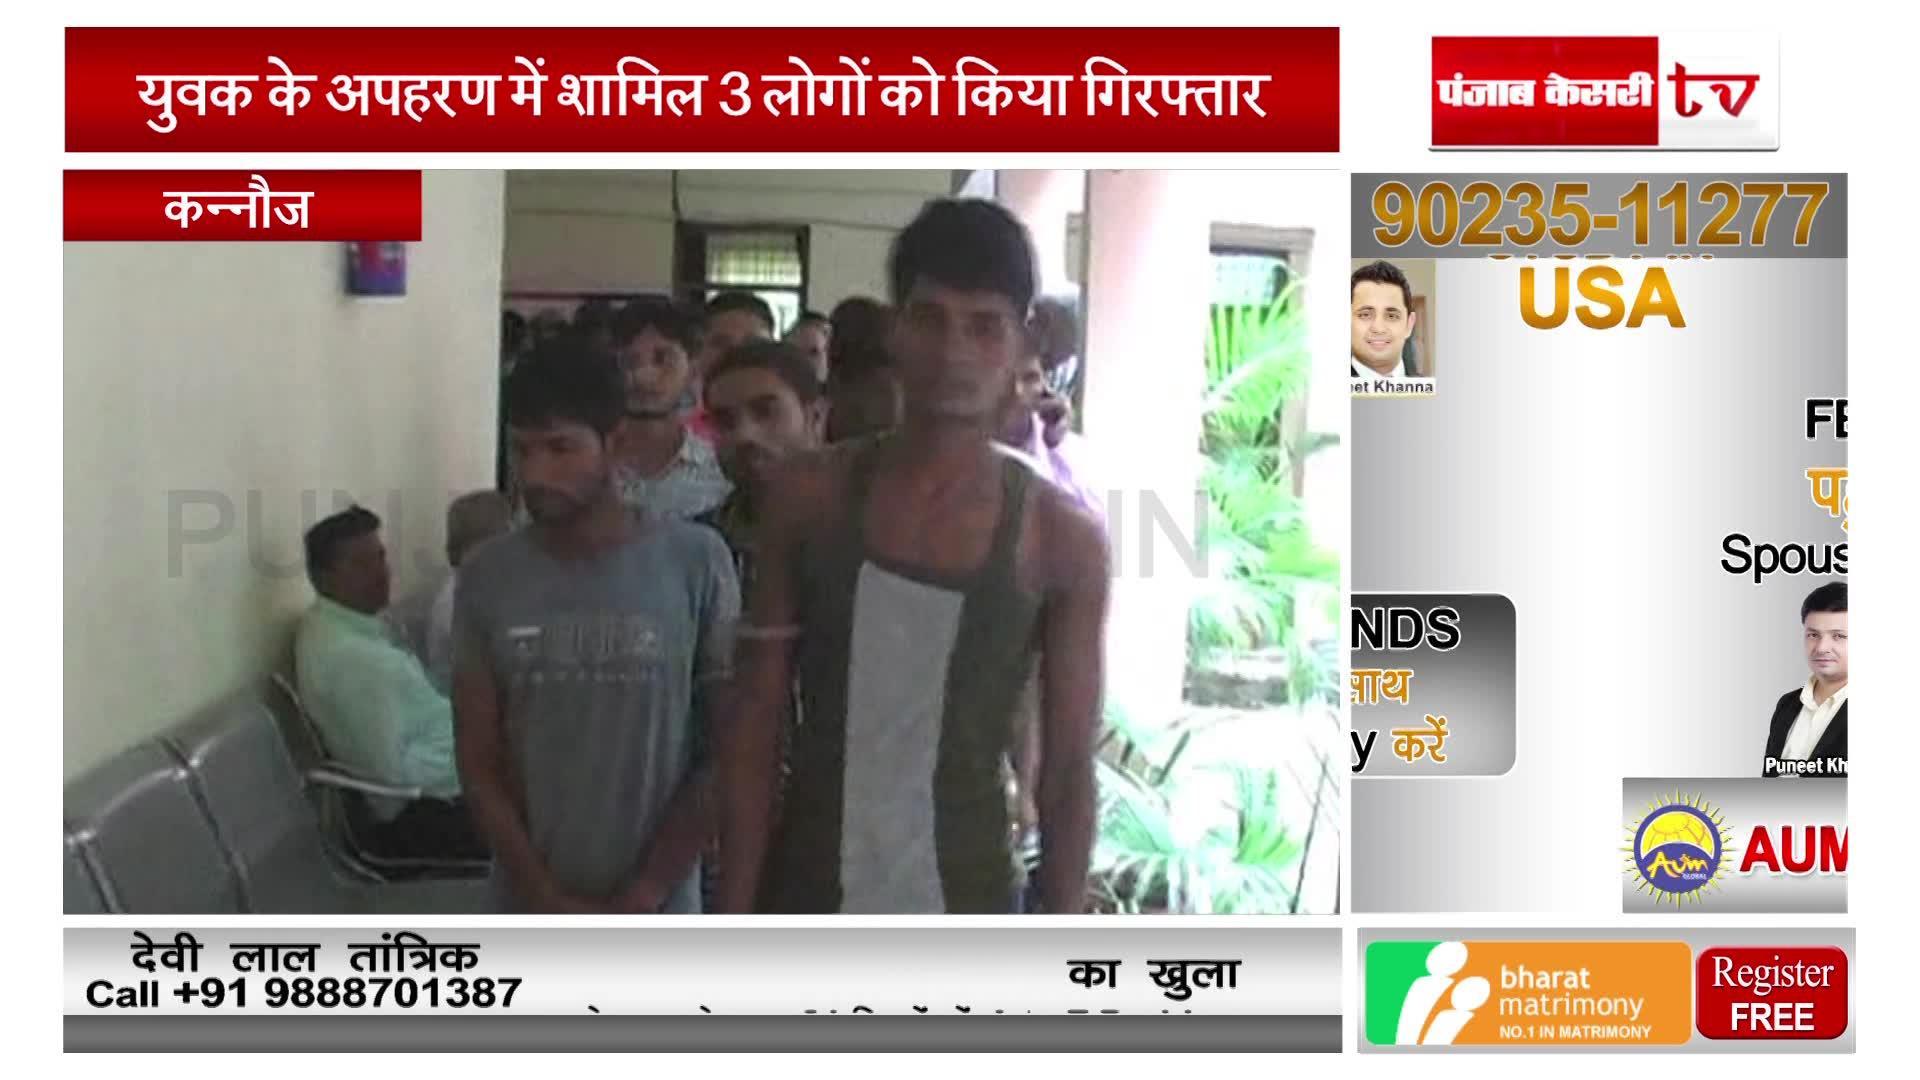 रुपए के लालच में आरोपियों ने किया युवक का अपहरण, 3 लोग गिरफ्तार